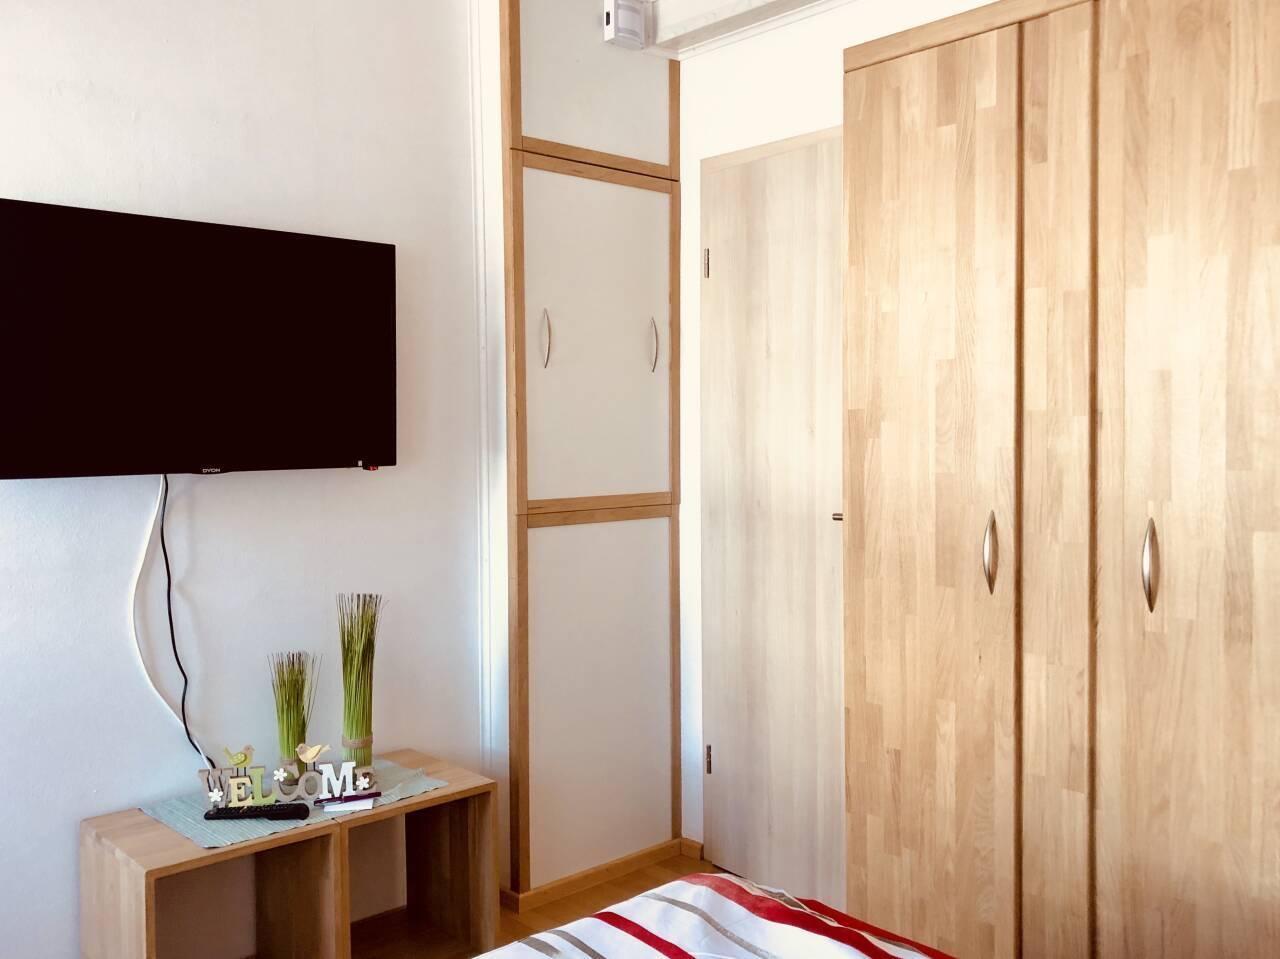 Einrichtungs Detail TV Flachbildschirm, Schrank